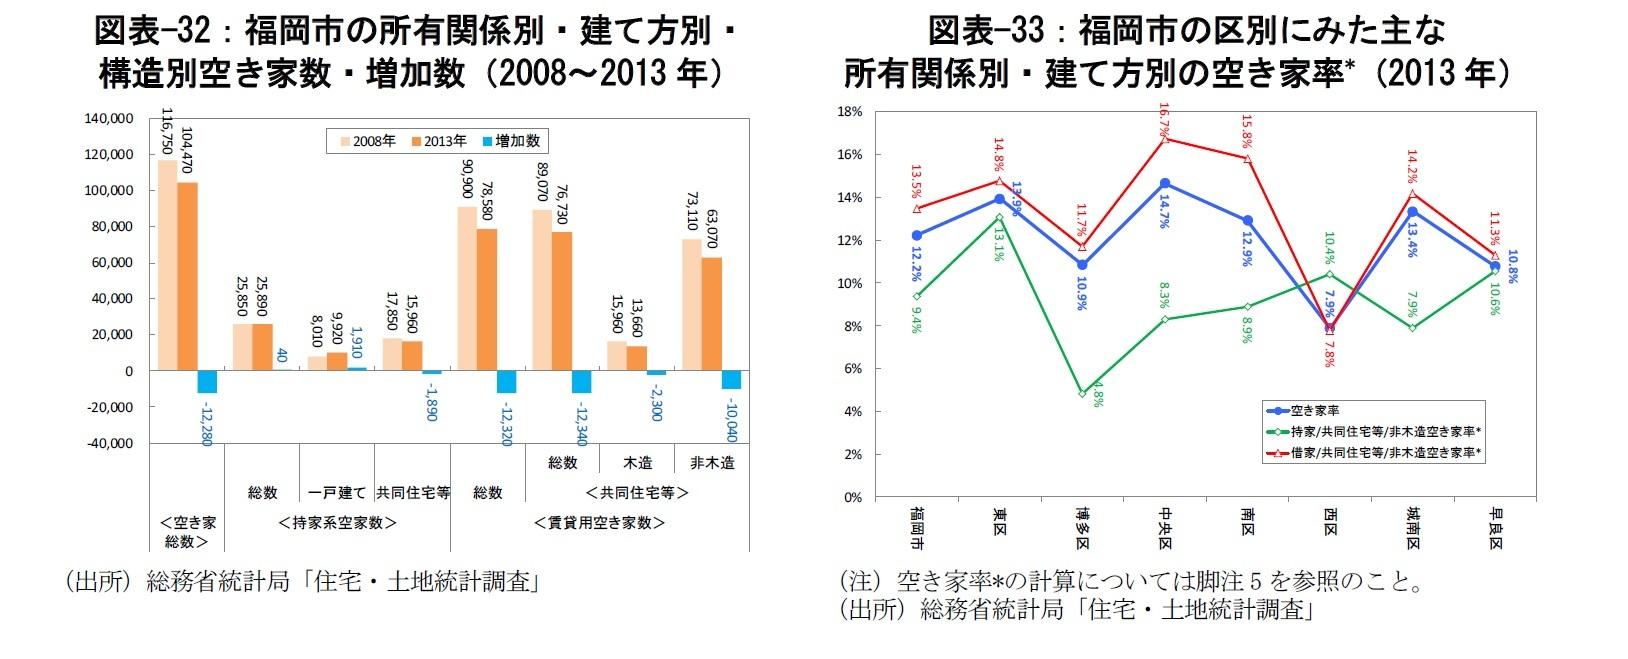 図表-32:福岡市の所有関係別・建て方別・構造別空き家数・増加数(2008~2013年)/図表-33:福岡市の区別にみた主な所有関係別・建て方別の空き家率*(2013年)